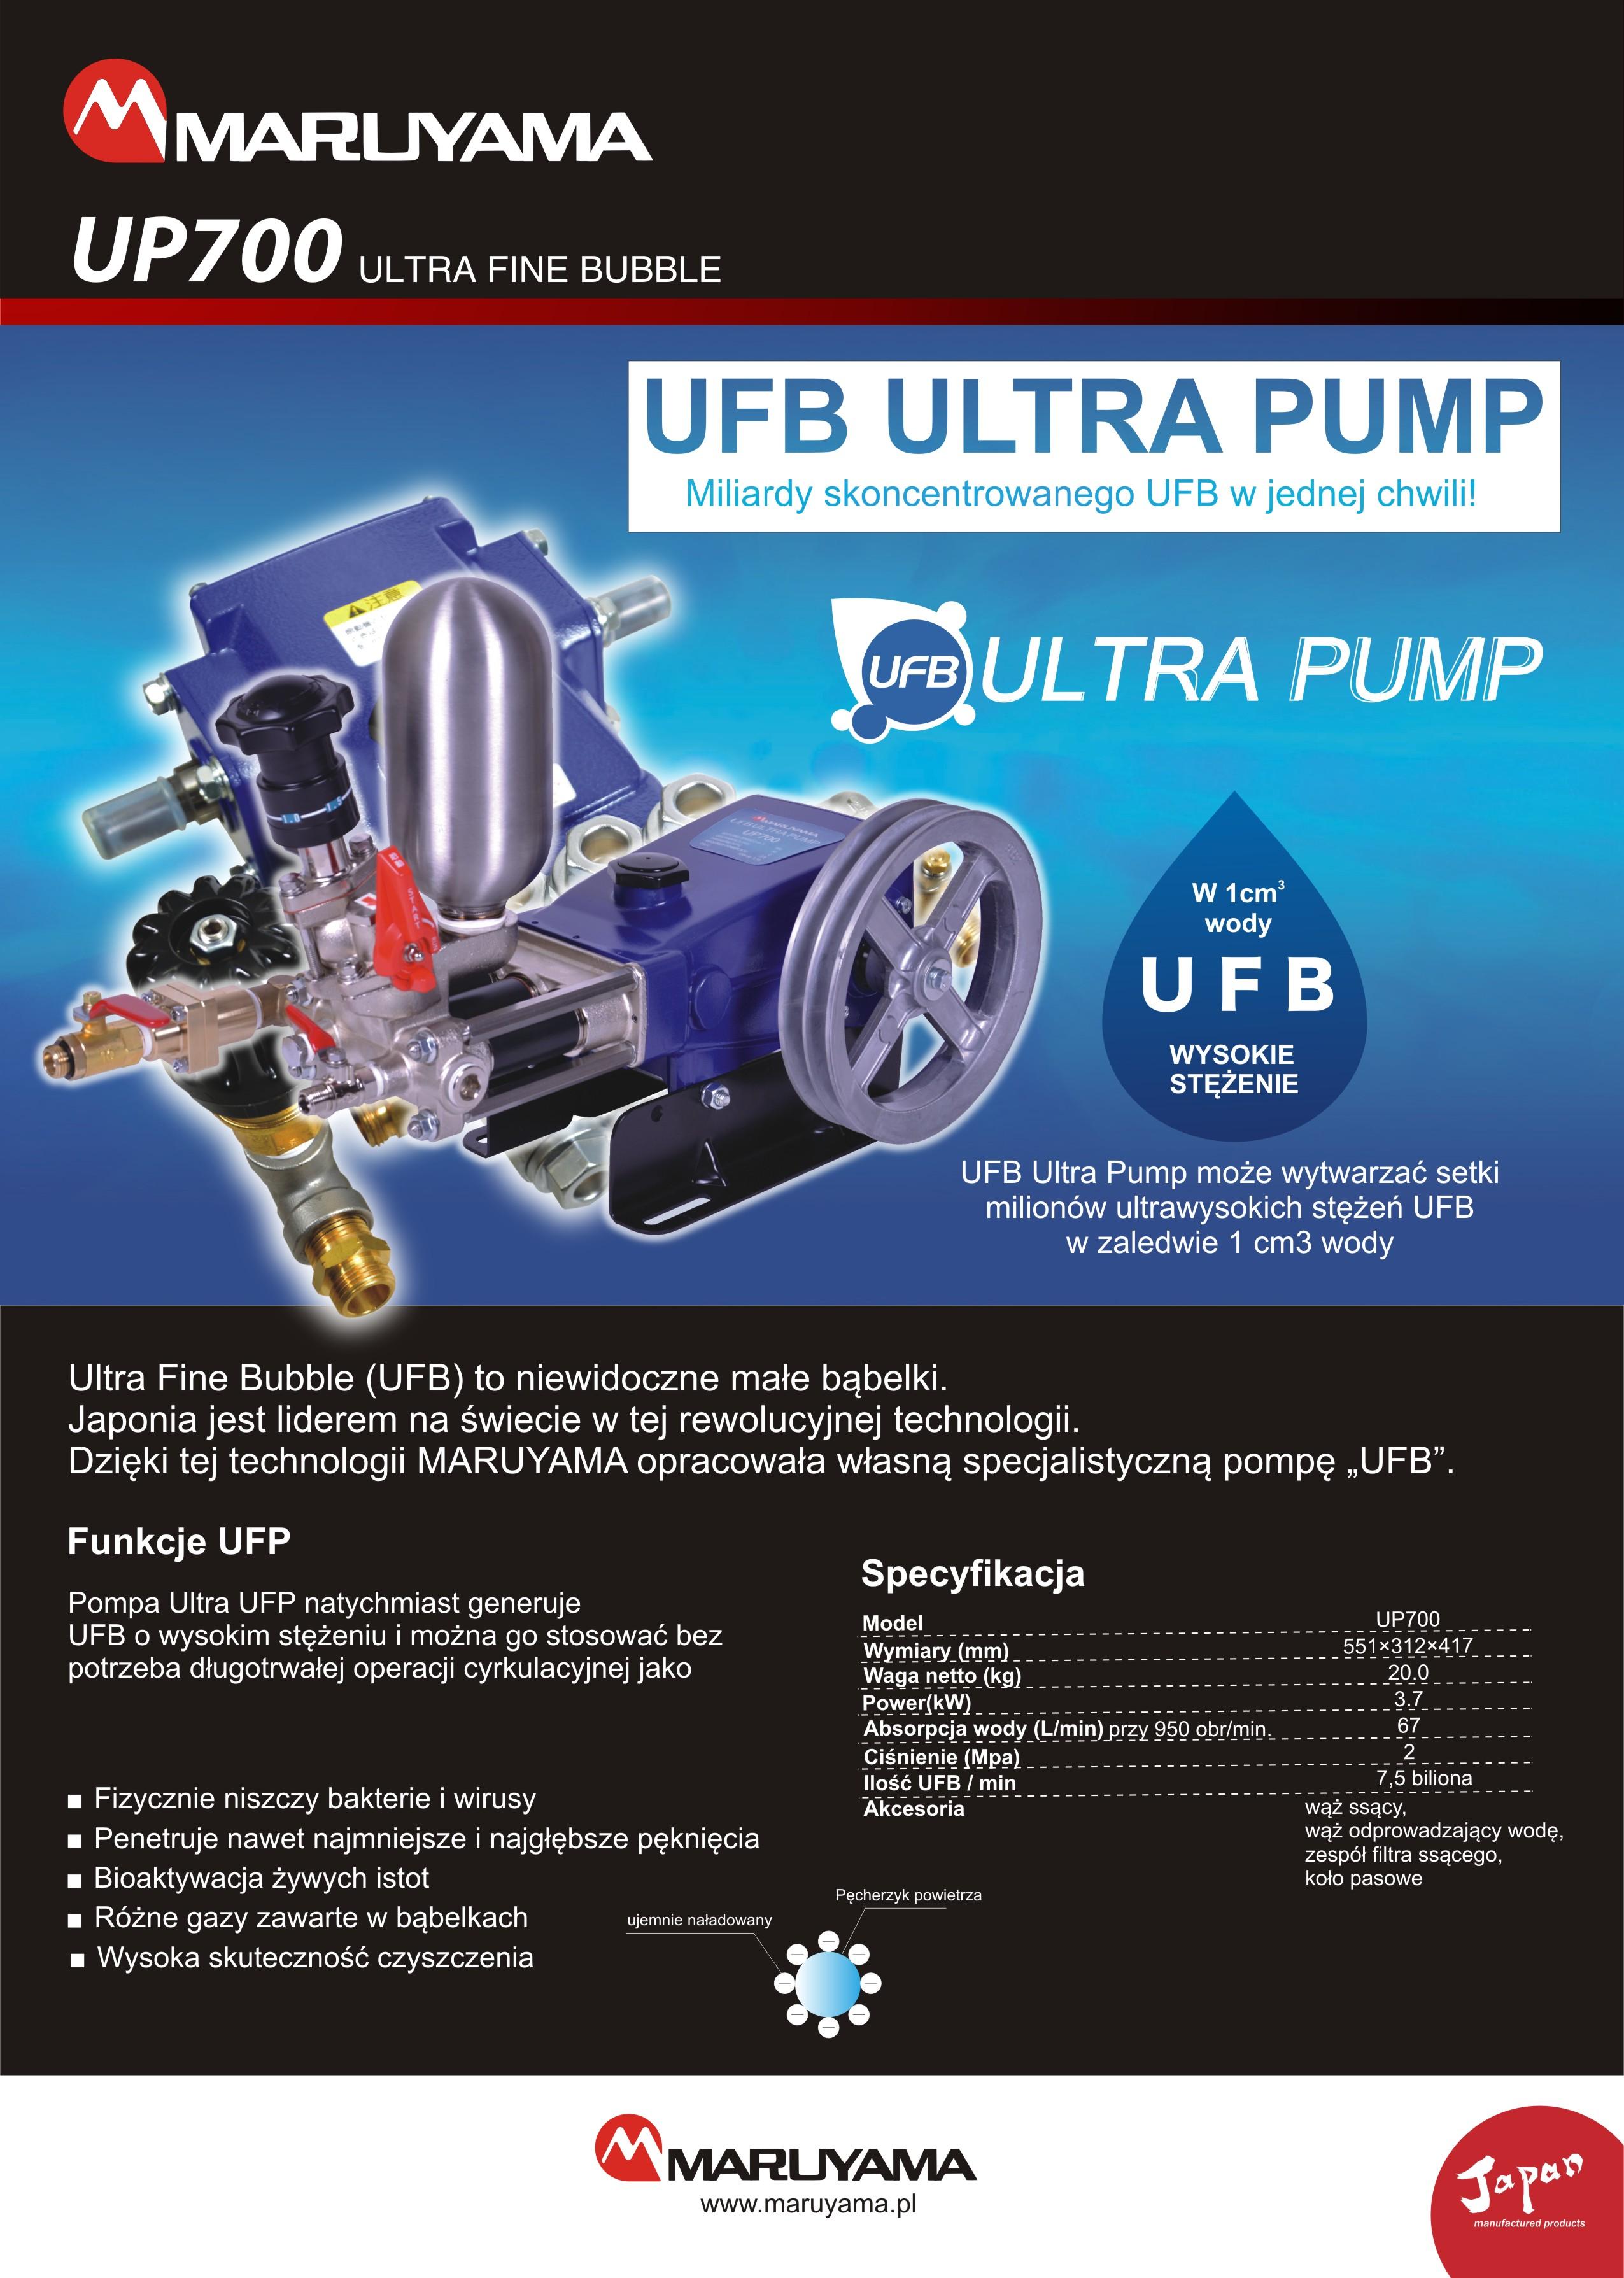 UP700 UFB